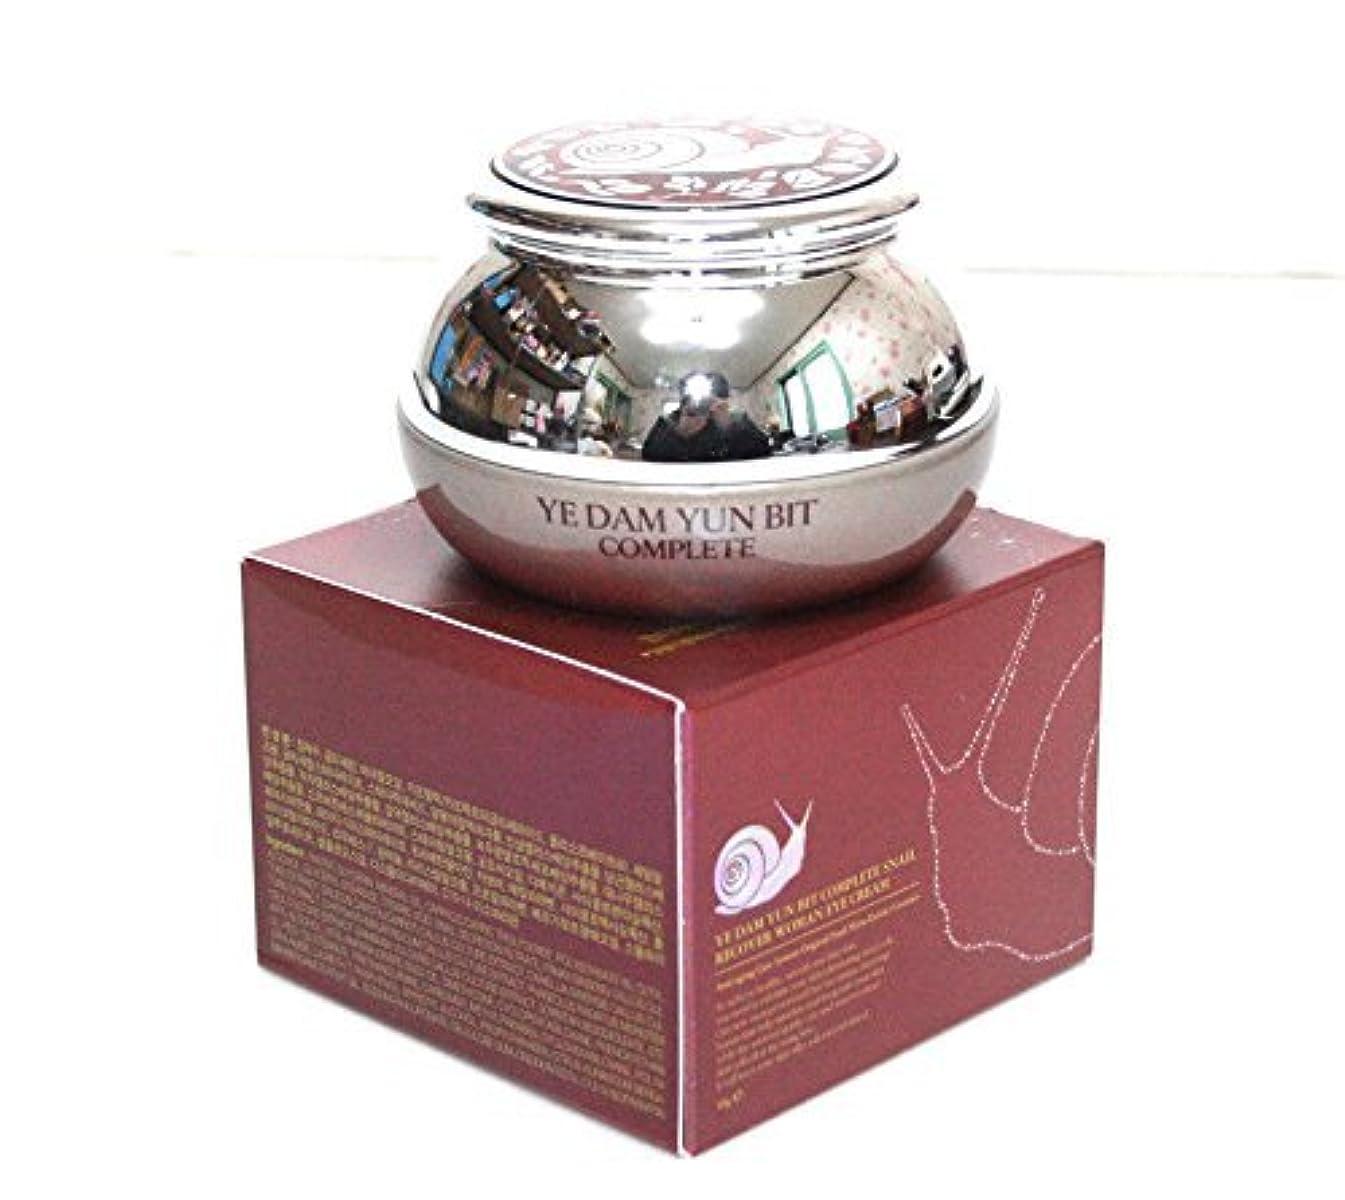 マティス国歌マティス[YEDAM YUN BIT] スキンが完成カタツムリ回復女性のアイクリーム50ml/韓国の化粧品/COMPLETE Skin Snail Recover Woman Eye Cream 50ml/Korean cosmetics...